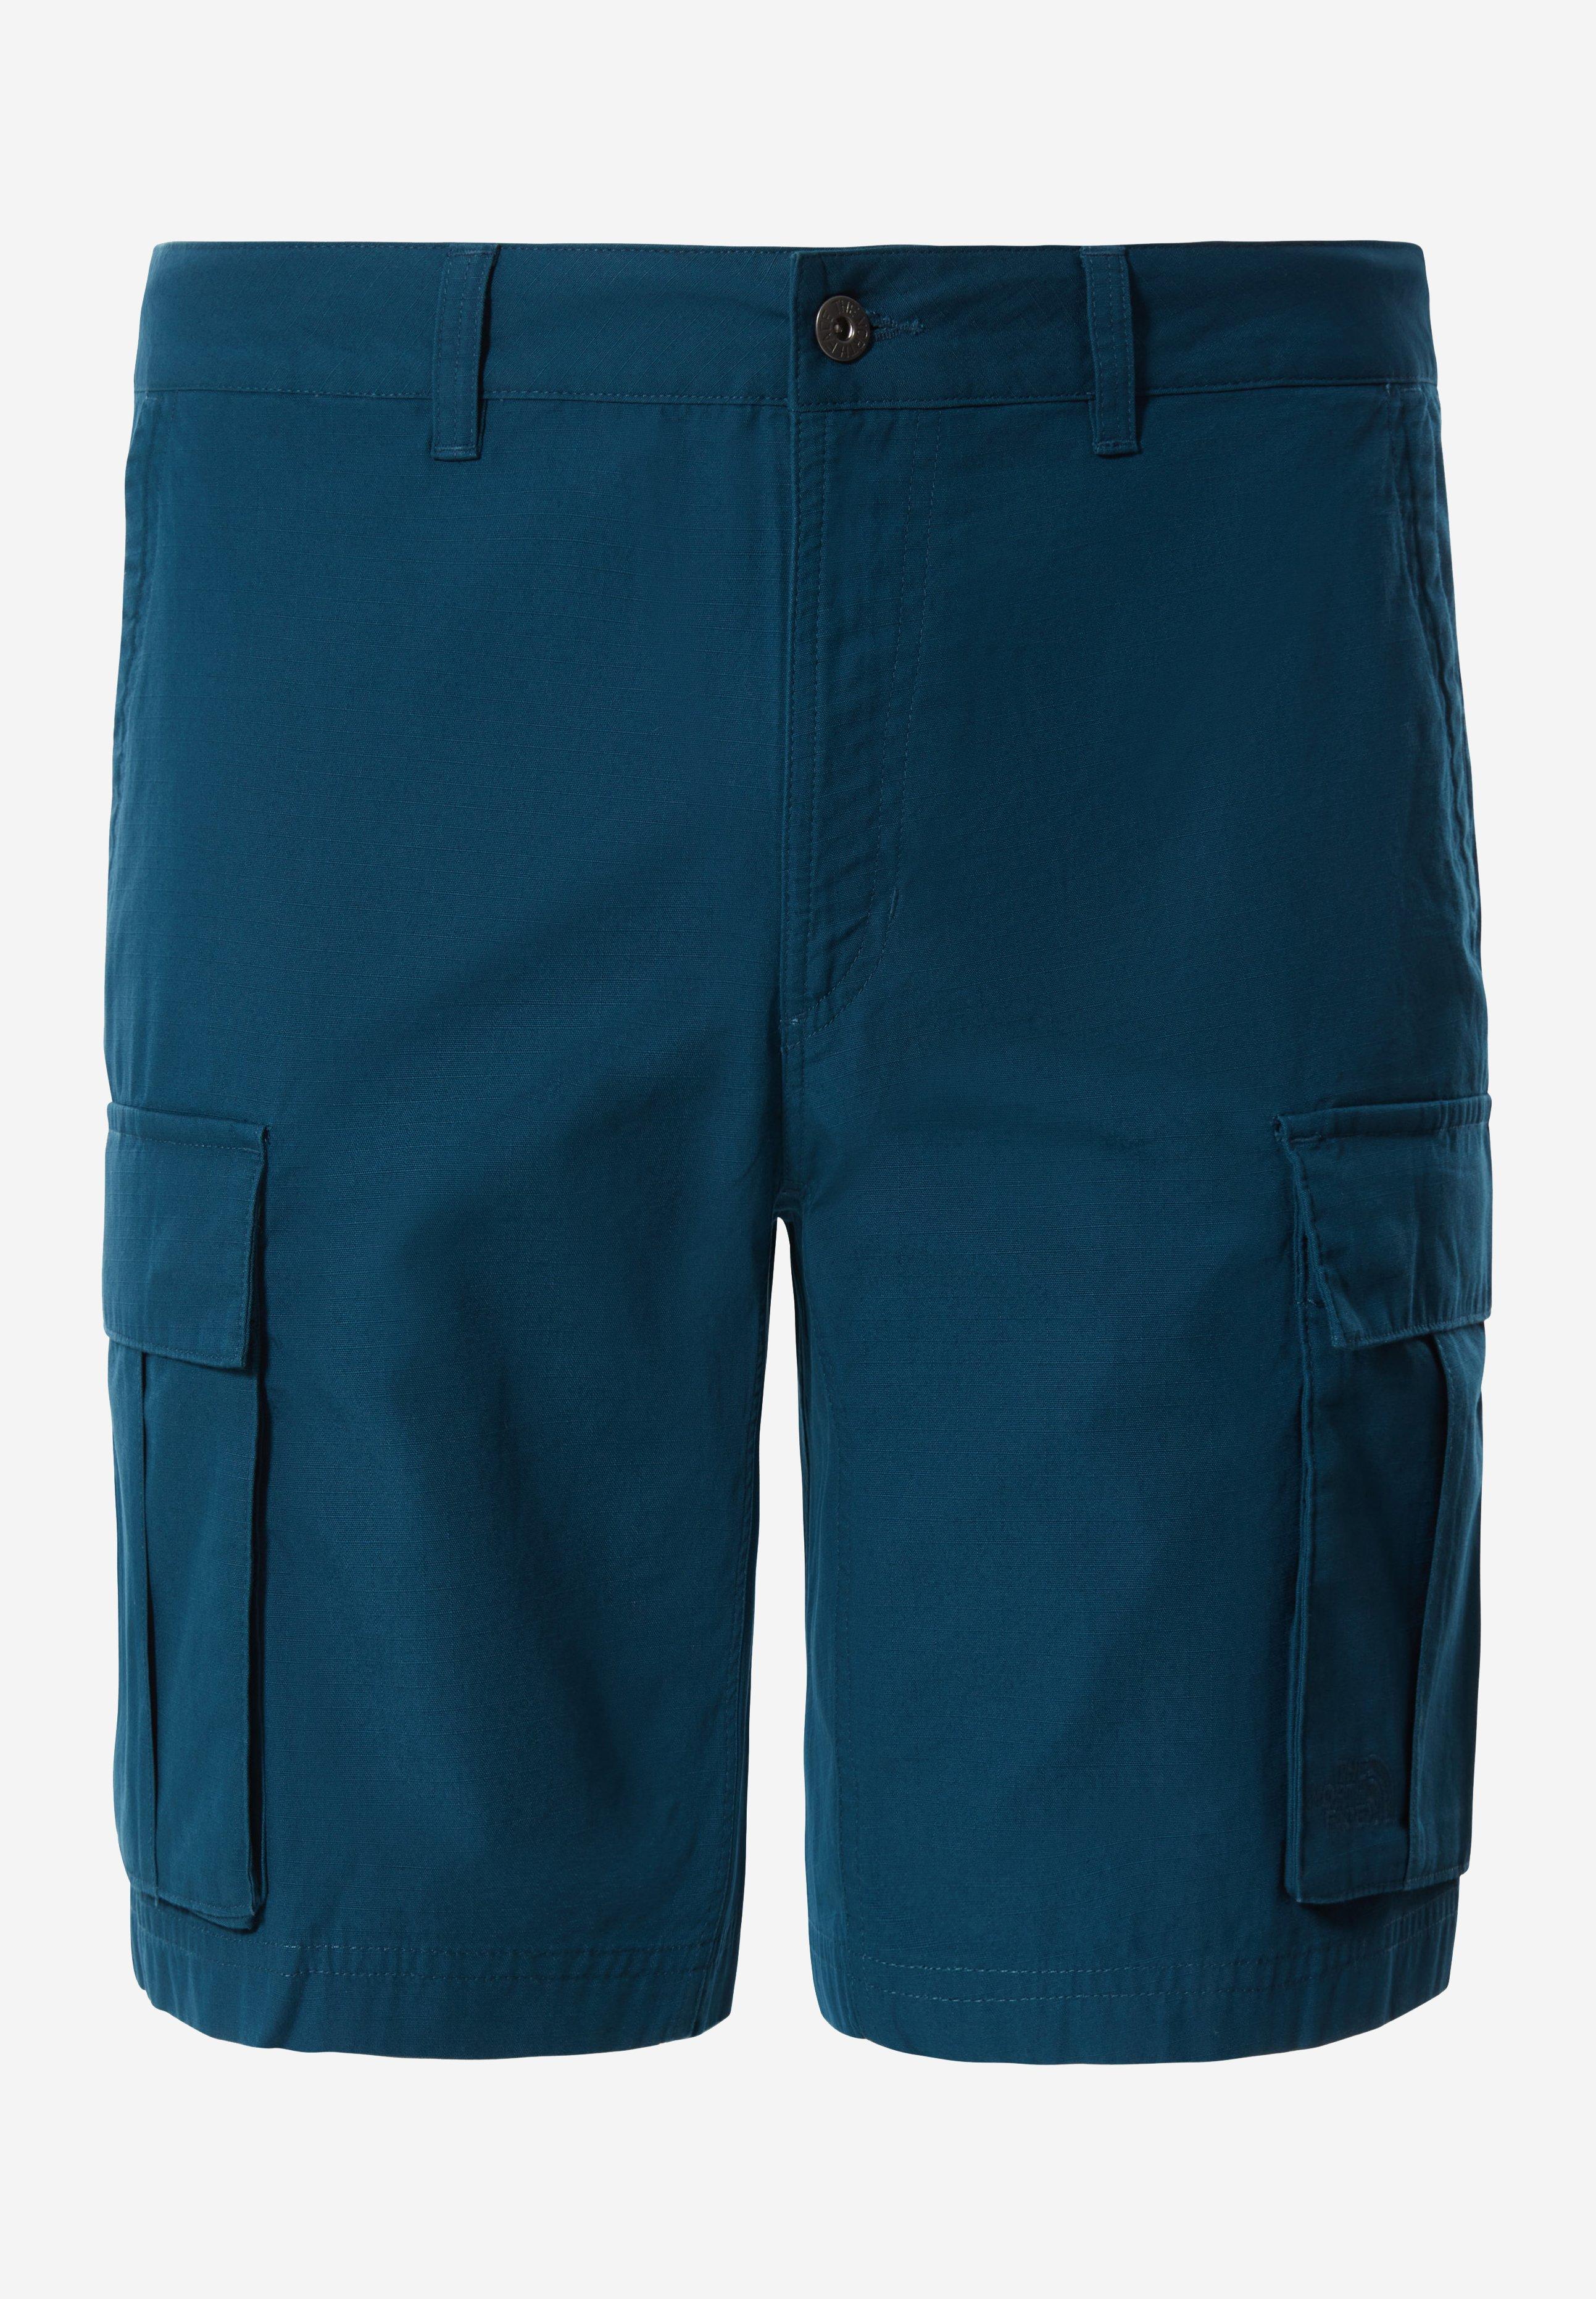 Uomo M ANTICLINE CARGO SHORT - EU - Pantaloncini sportivi